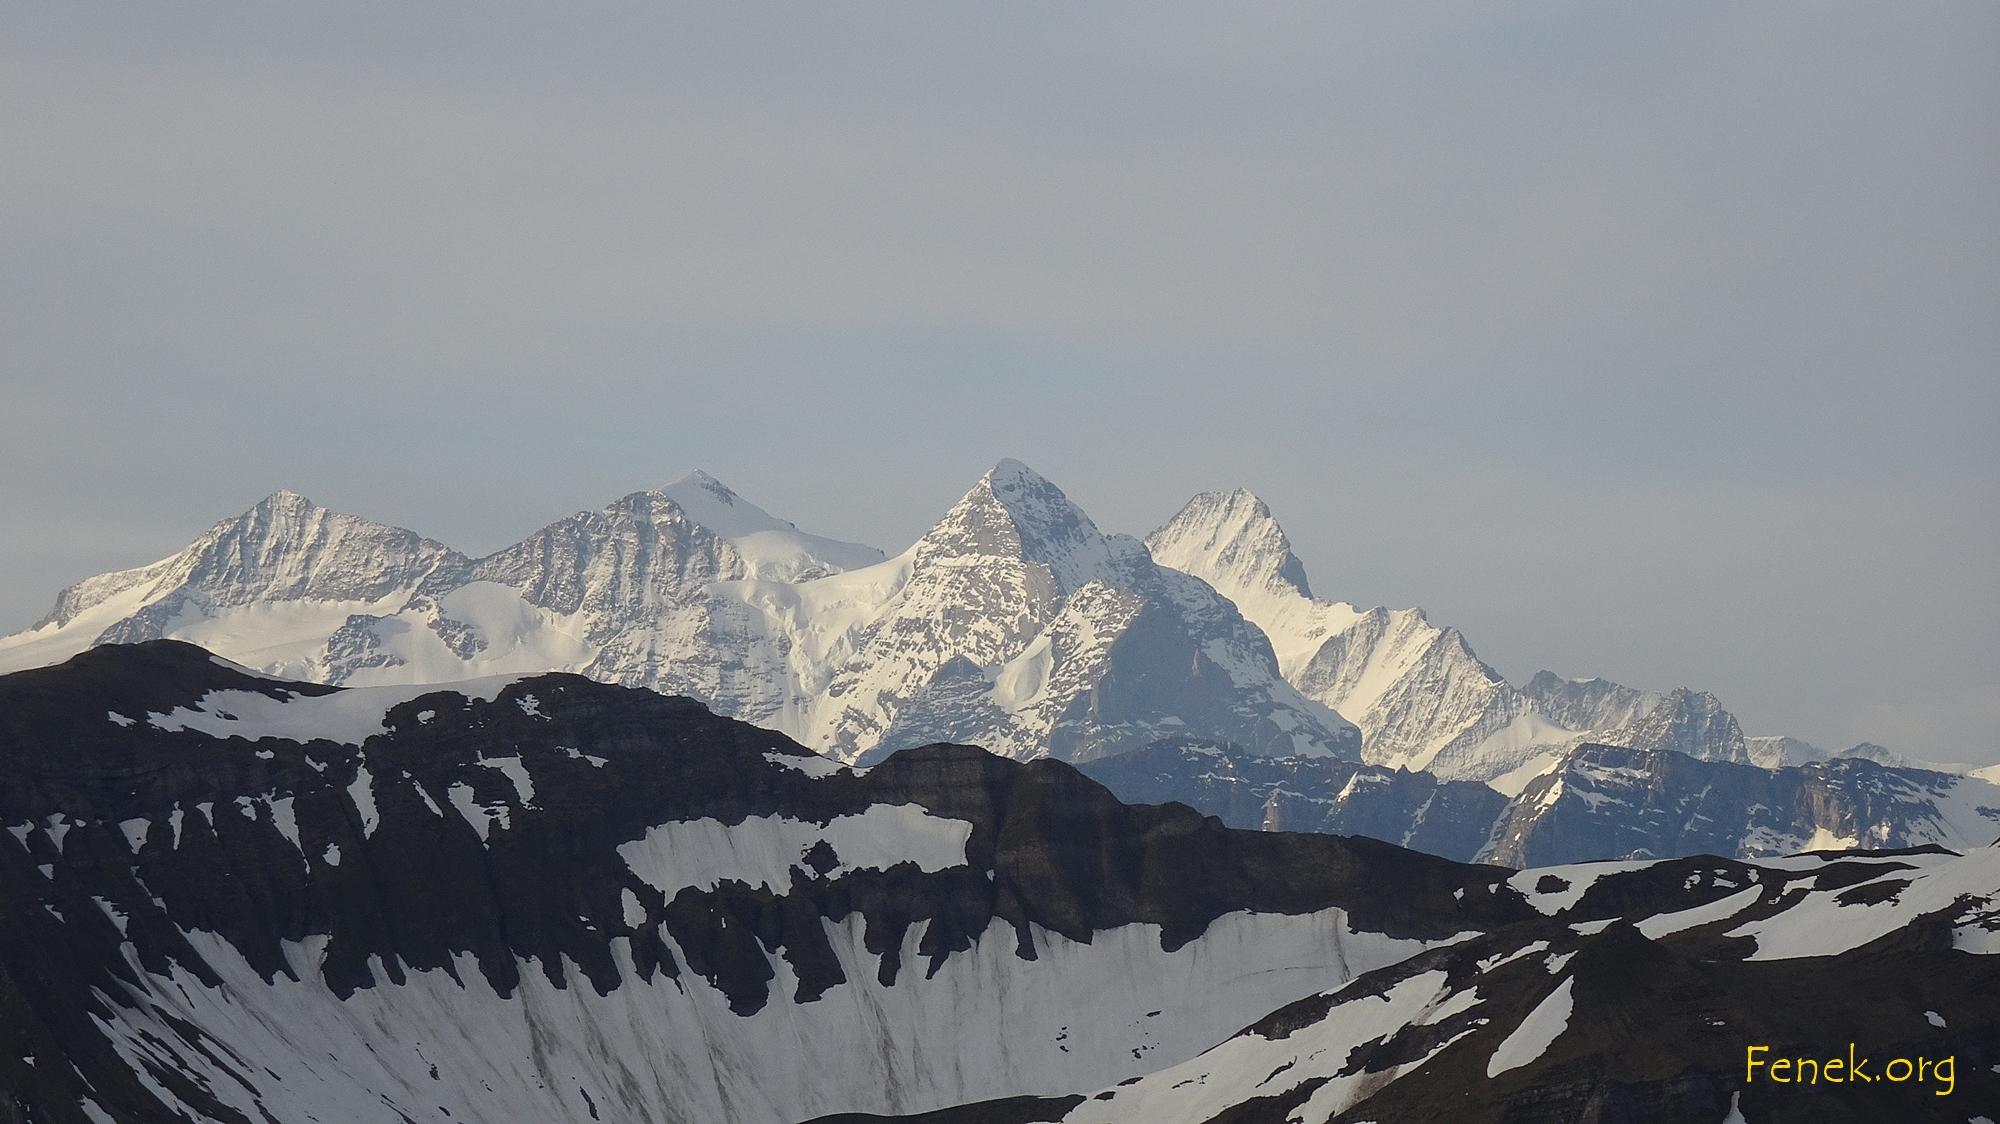 wunderschön! Dominant Schreckhorn, daneben Wetterhorn, Mittelhorn und Rosenhorn